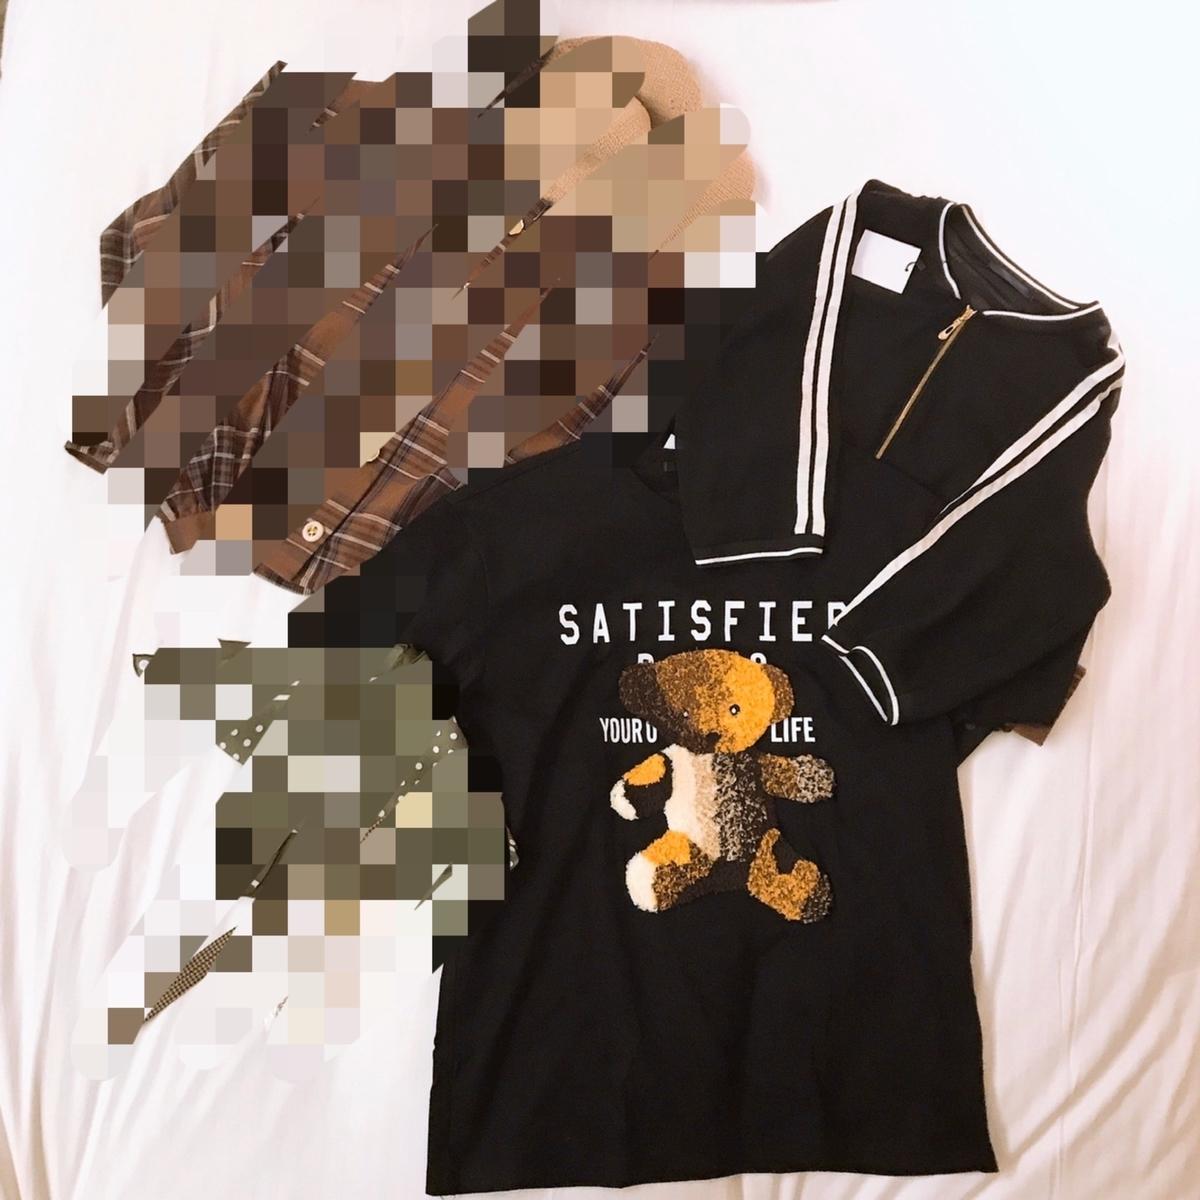 クマさんがプリントされた黒のTシャツと、黒の羽織の写真